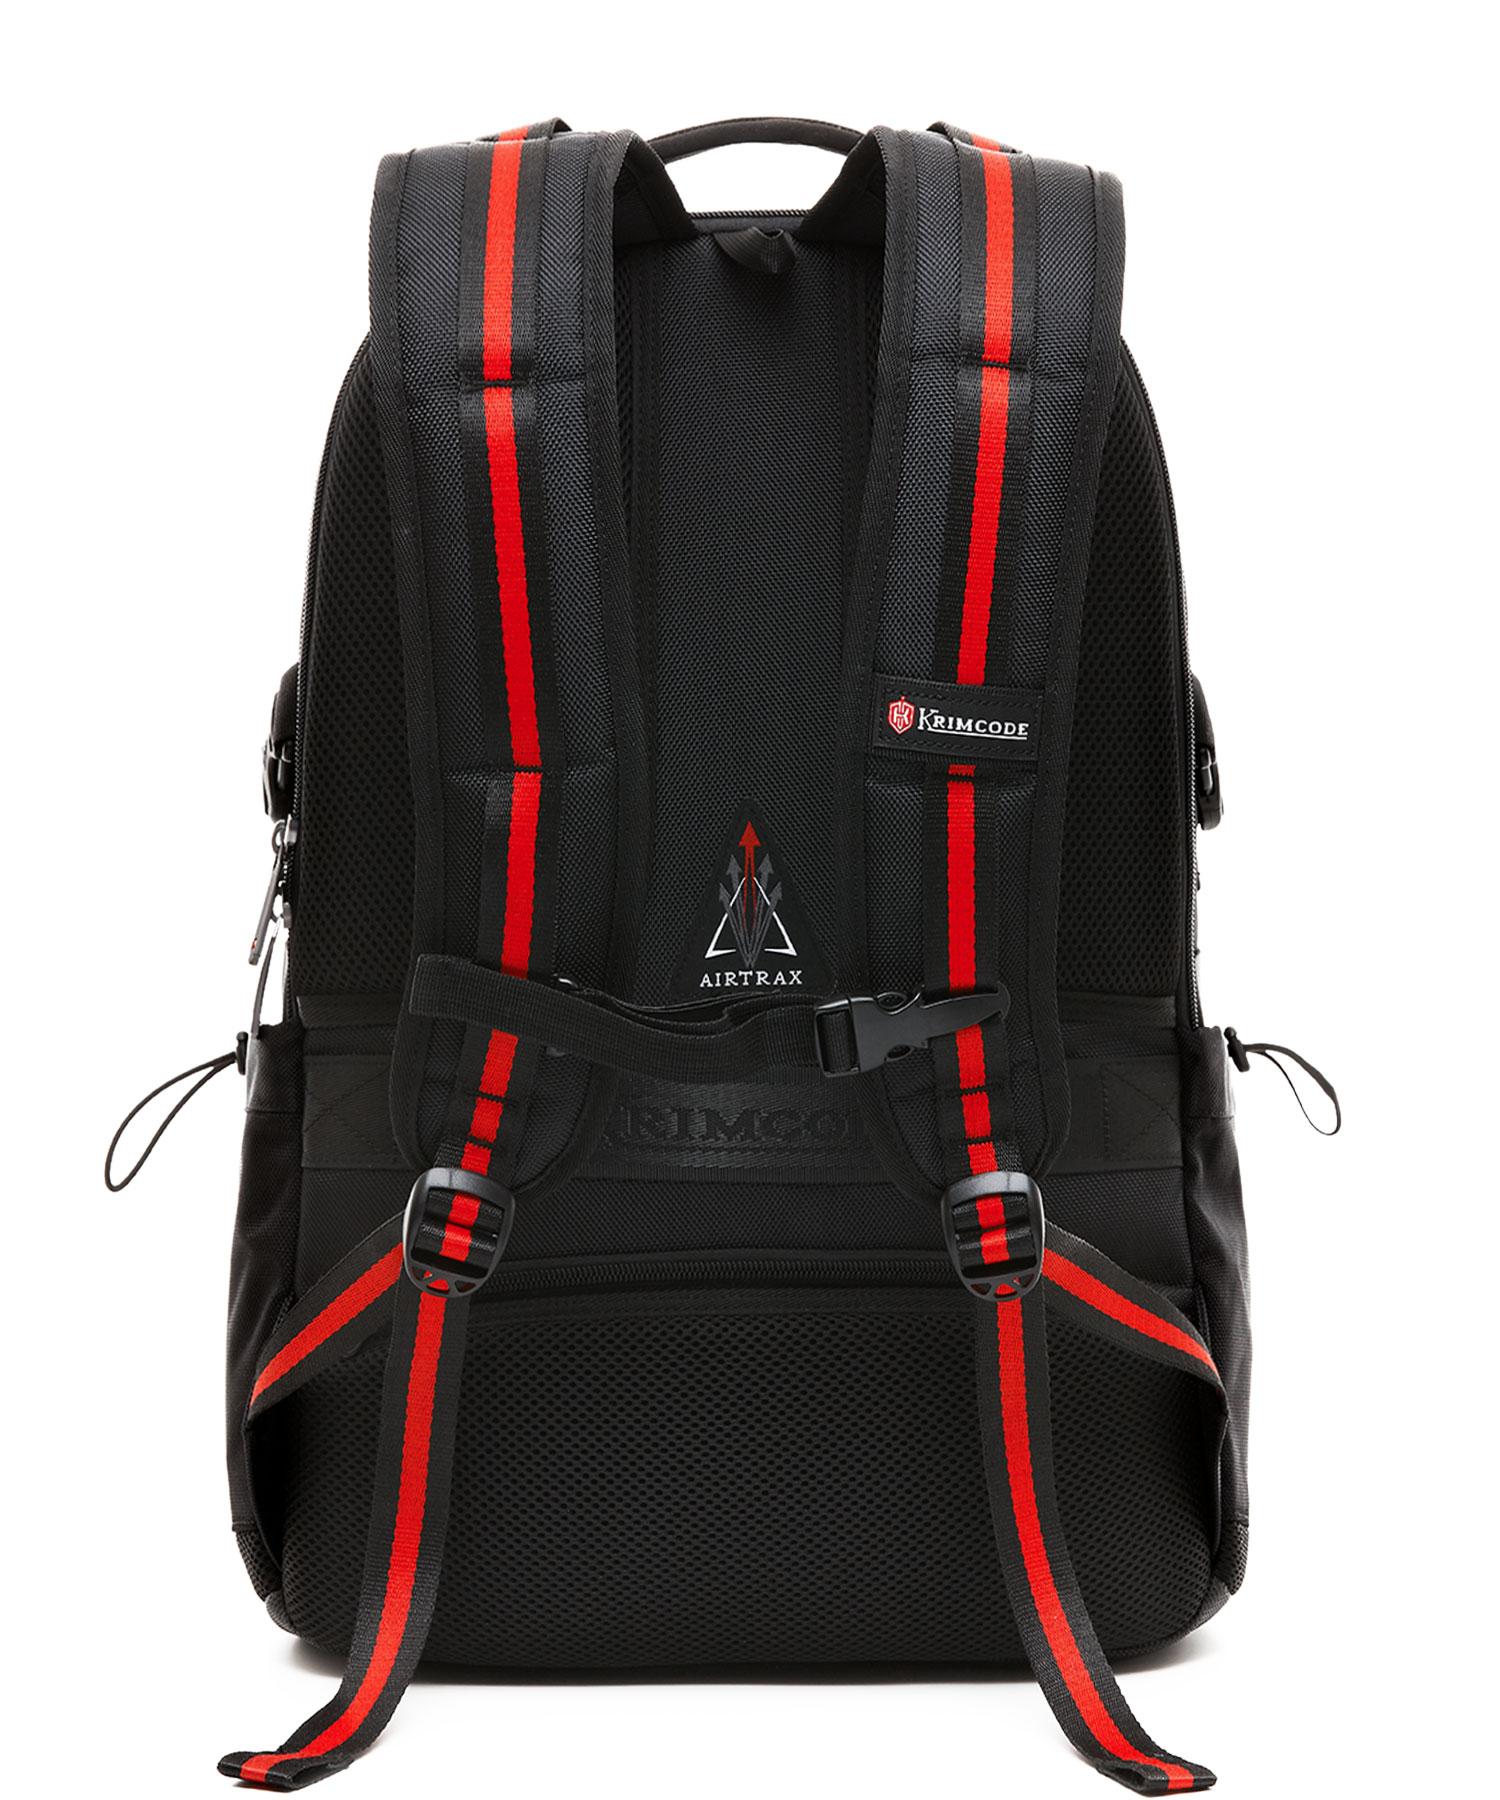 back of krimcode backpack